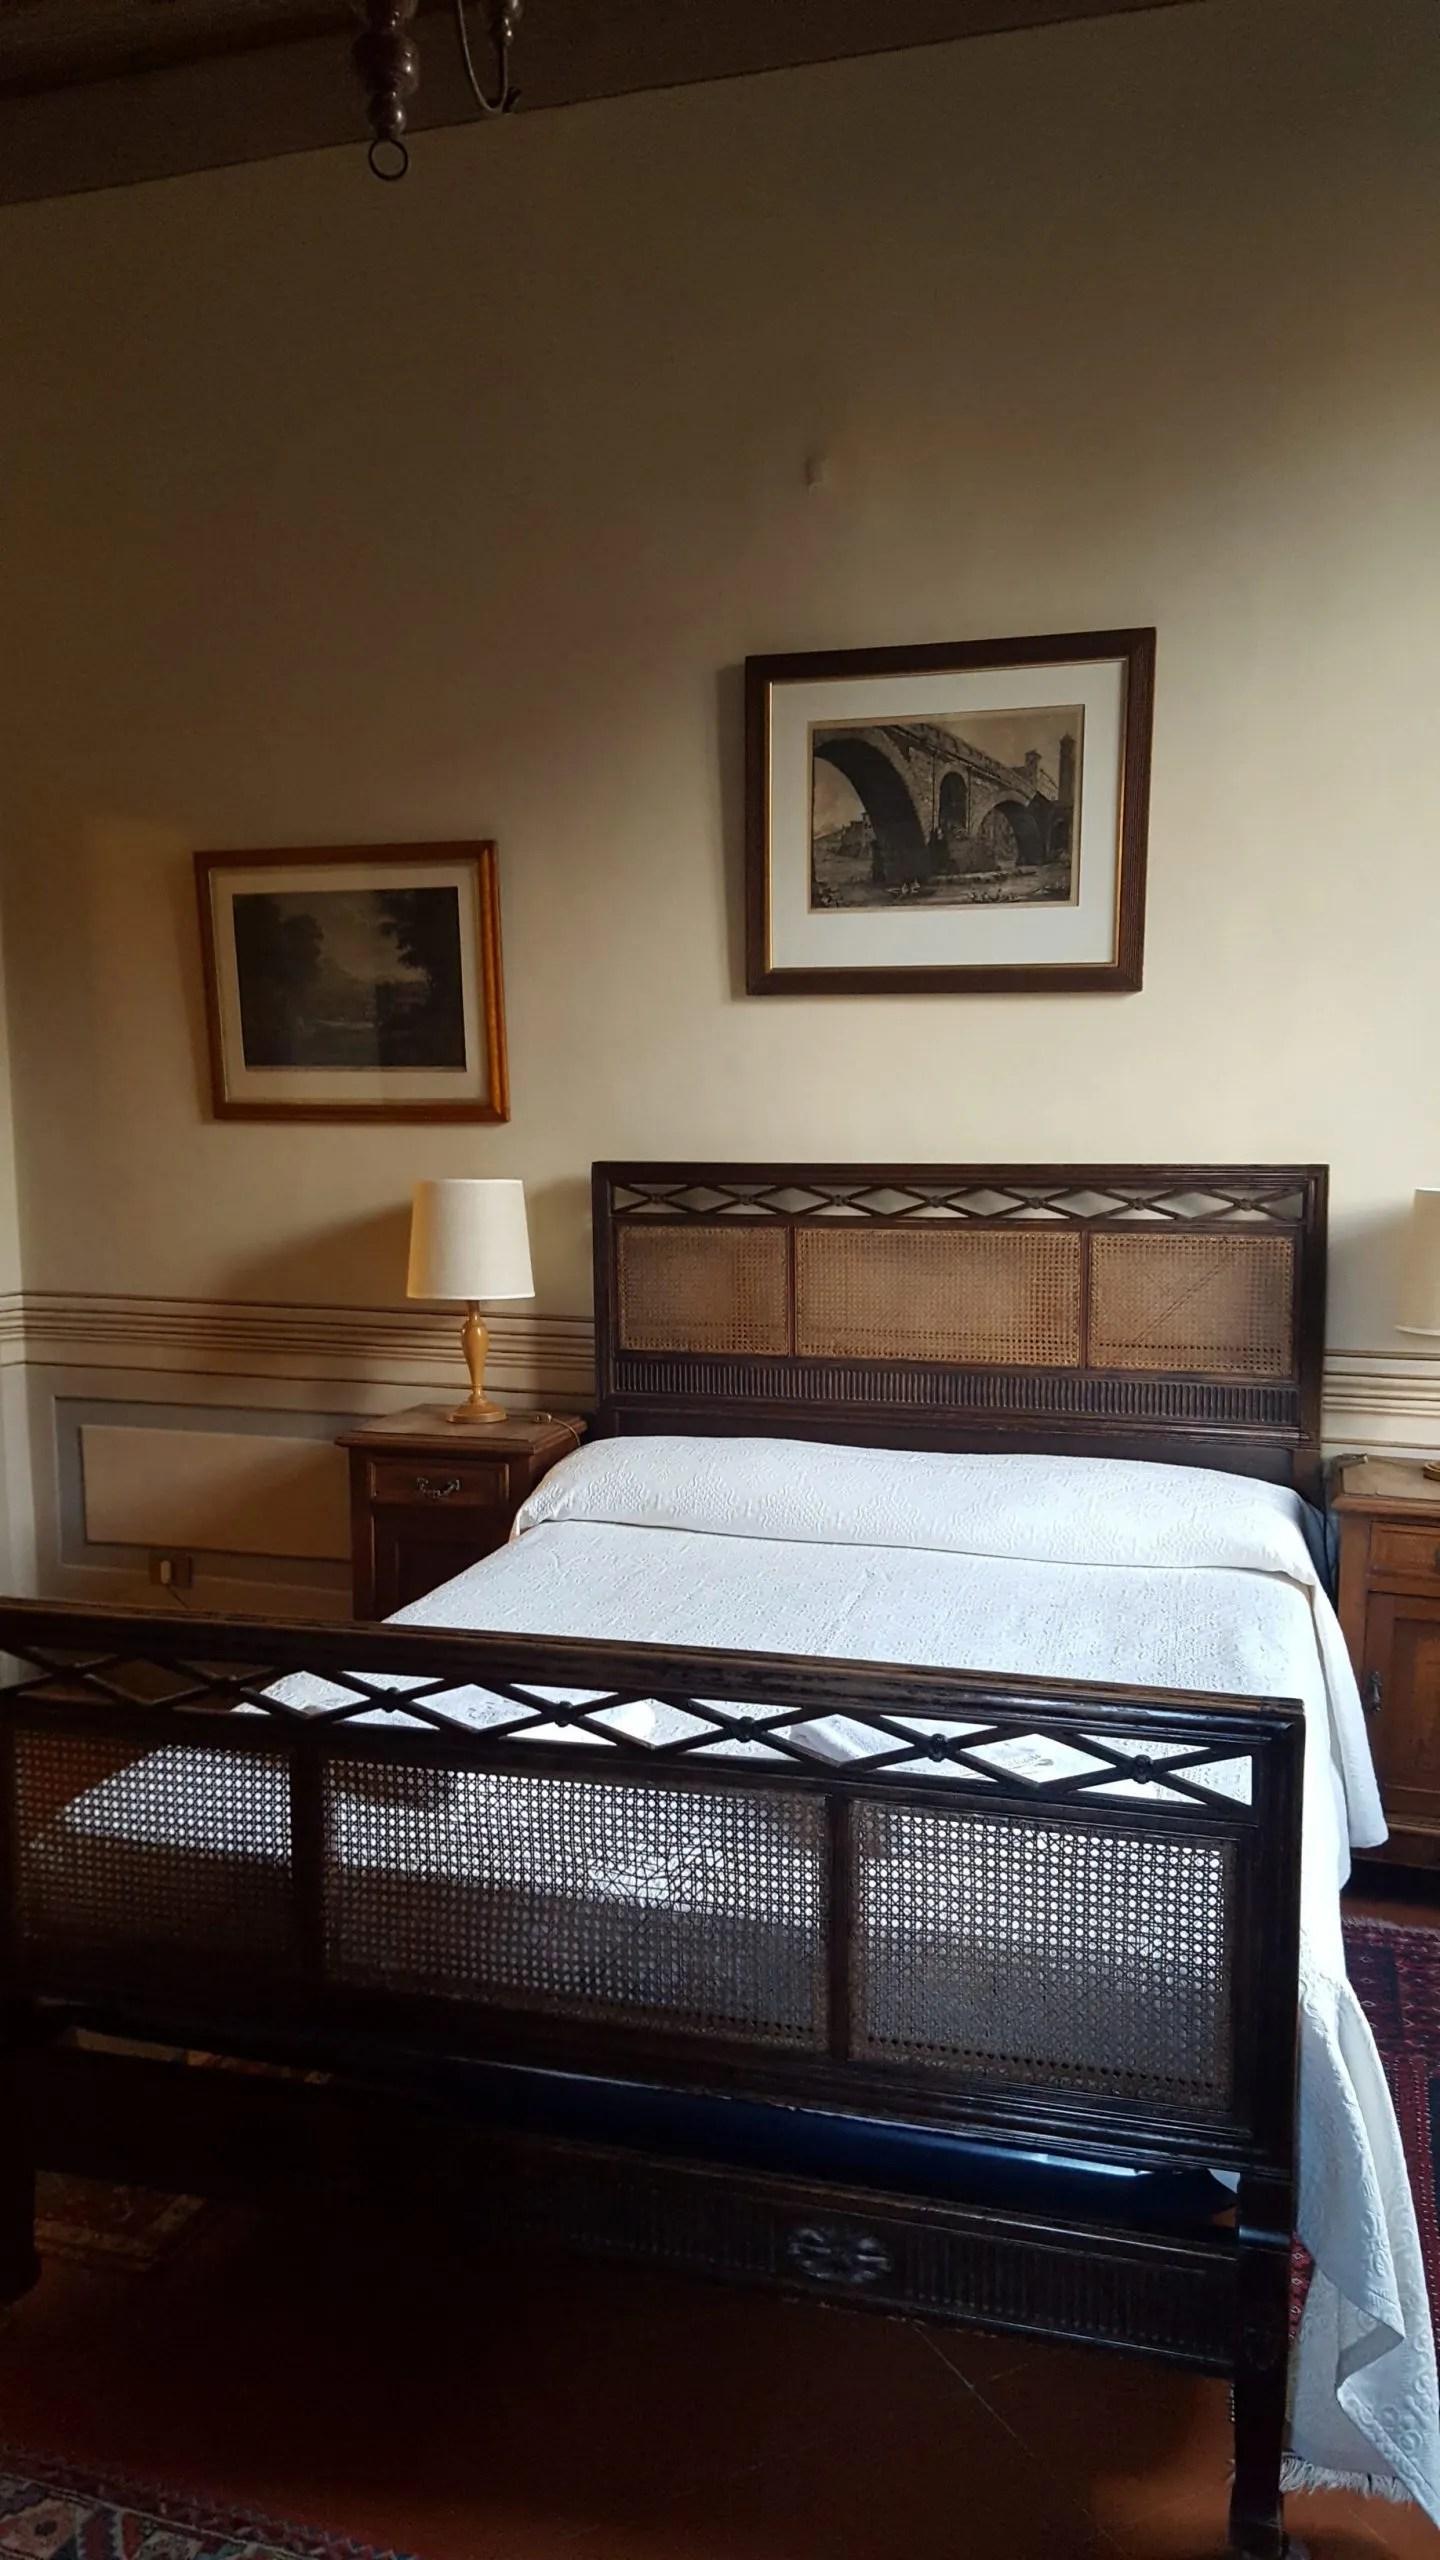 Keats Shelley house bedroom